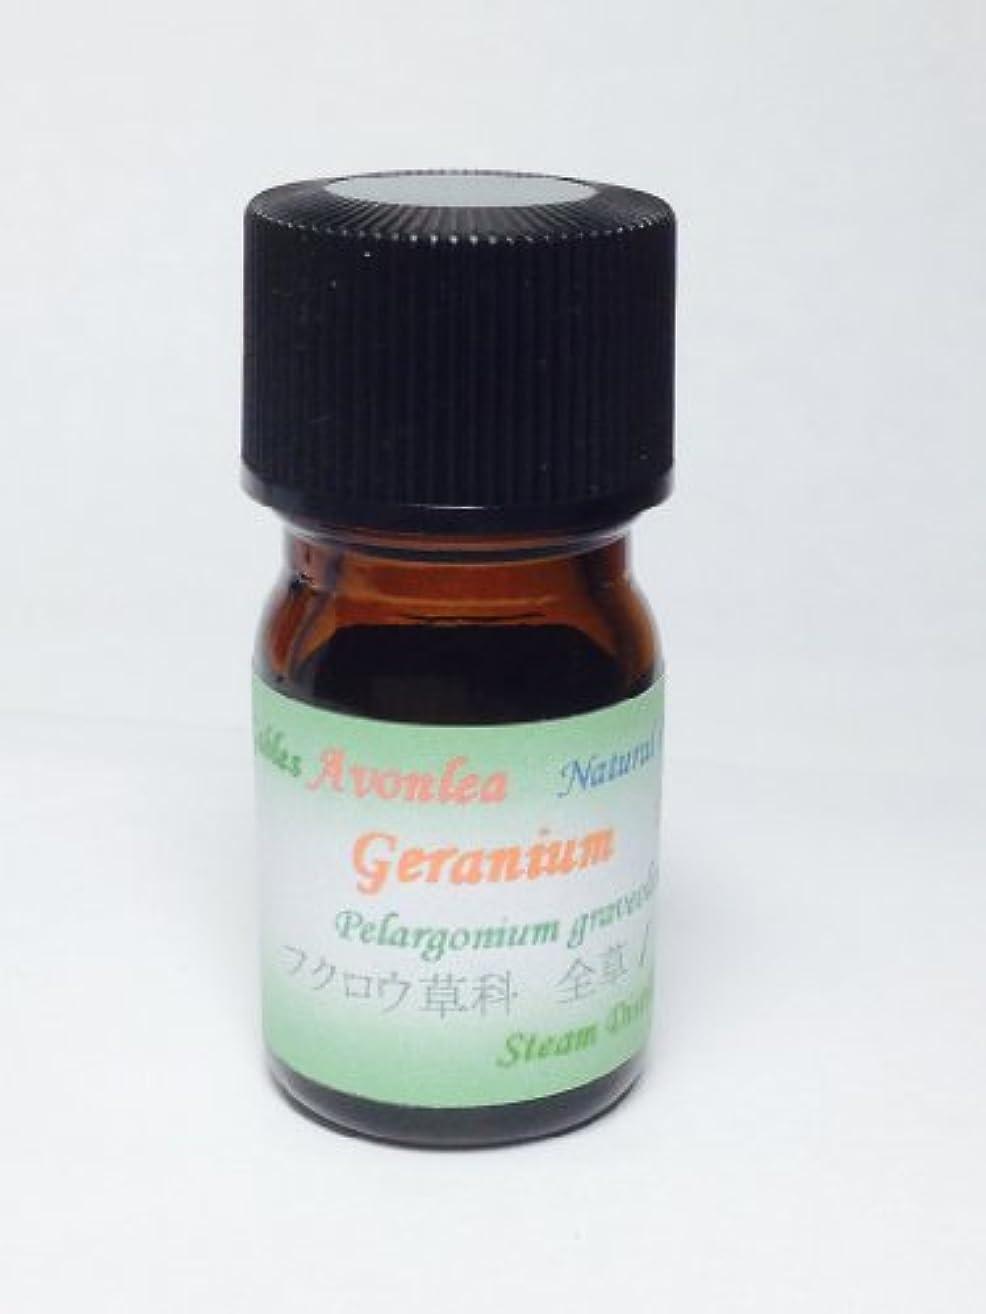 手書き忌み嫌う透けて見えるゼラニウム 5ml 100% ピュア エッセンシャルオイル 天然精油